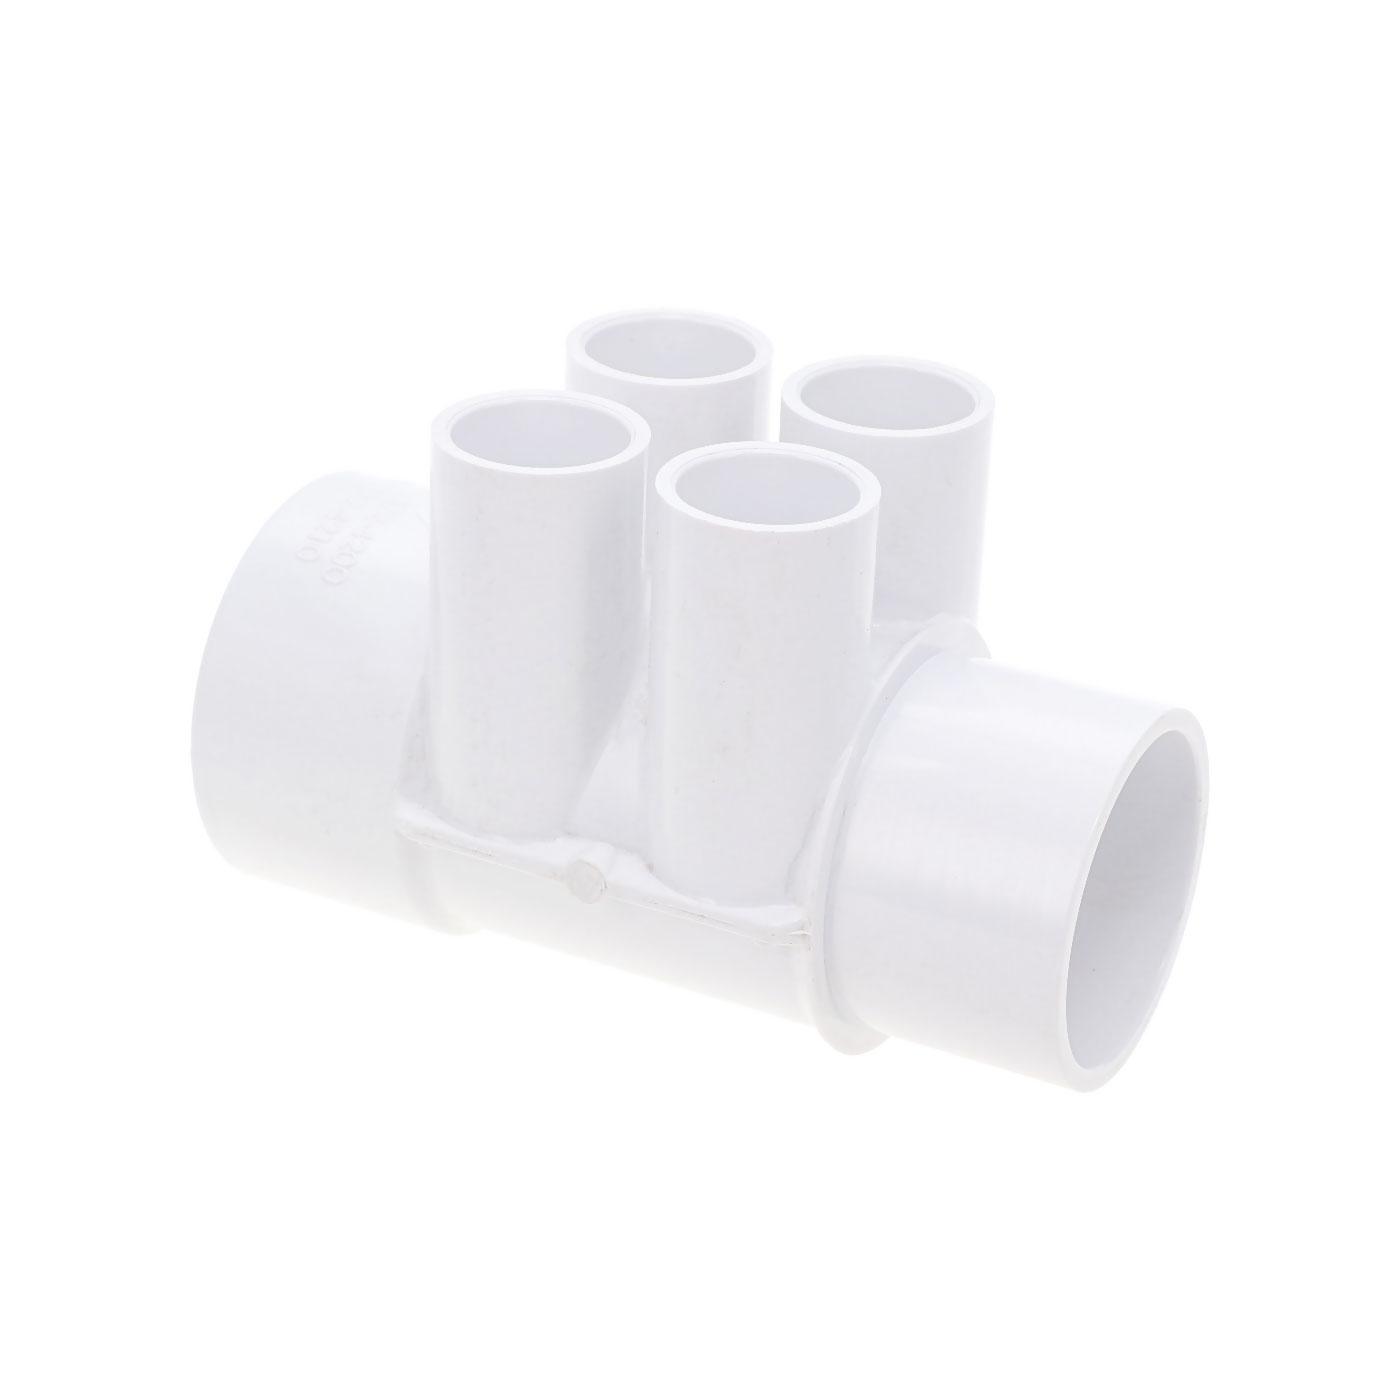 2'' M/F Manifold - 4 3/4'' F Ports - Ref 672-4200